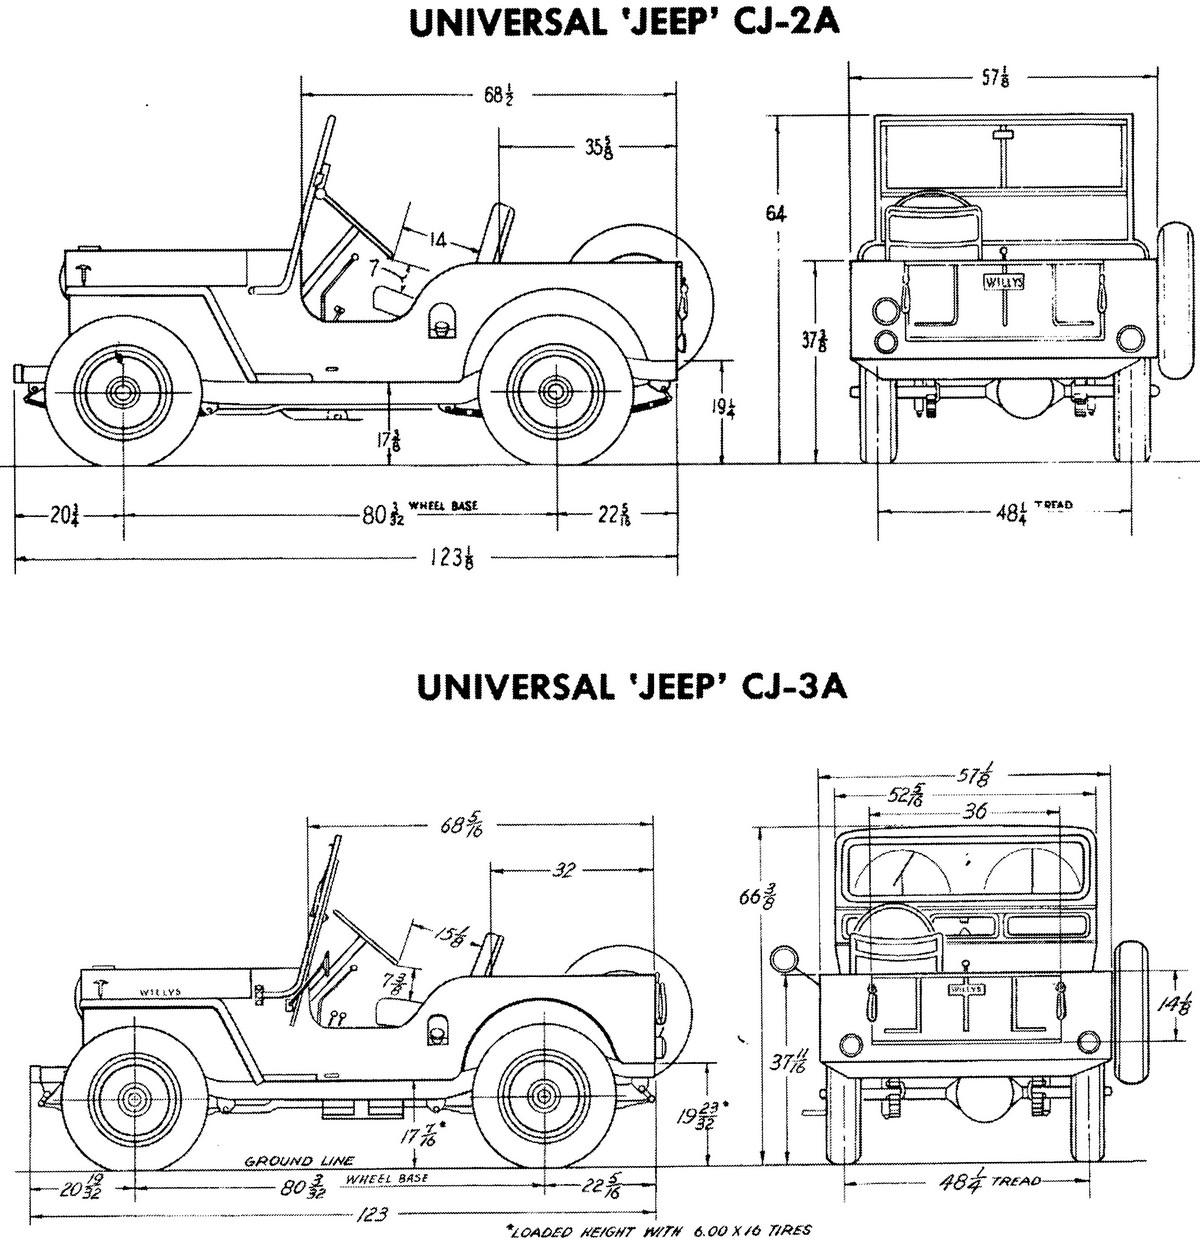 Wymiary Jeep CJ-2A i CJ-3A